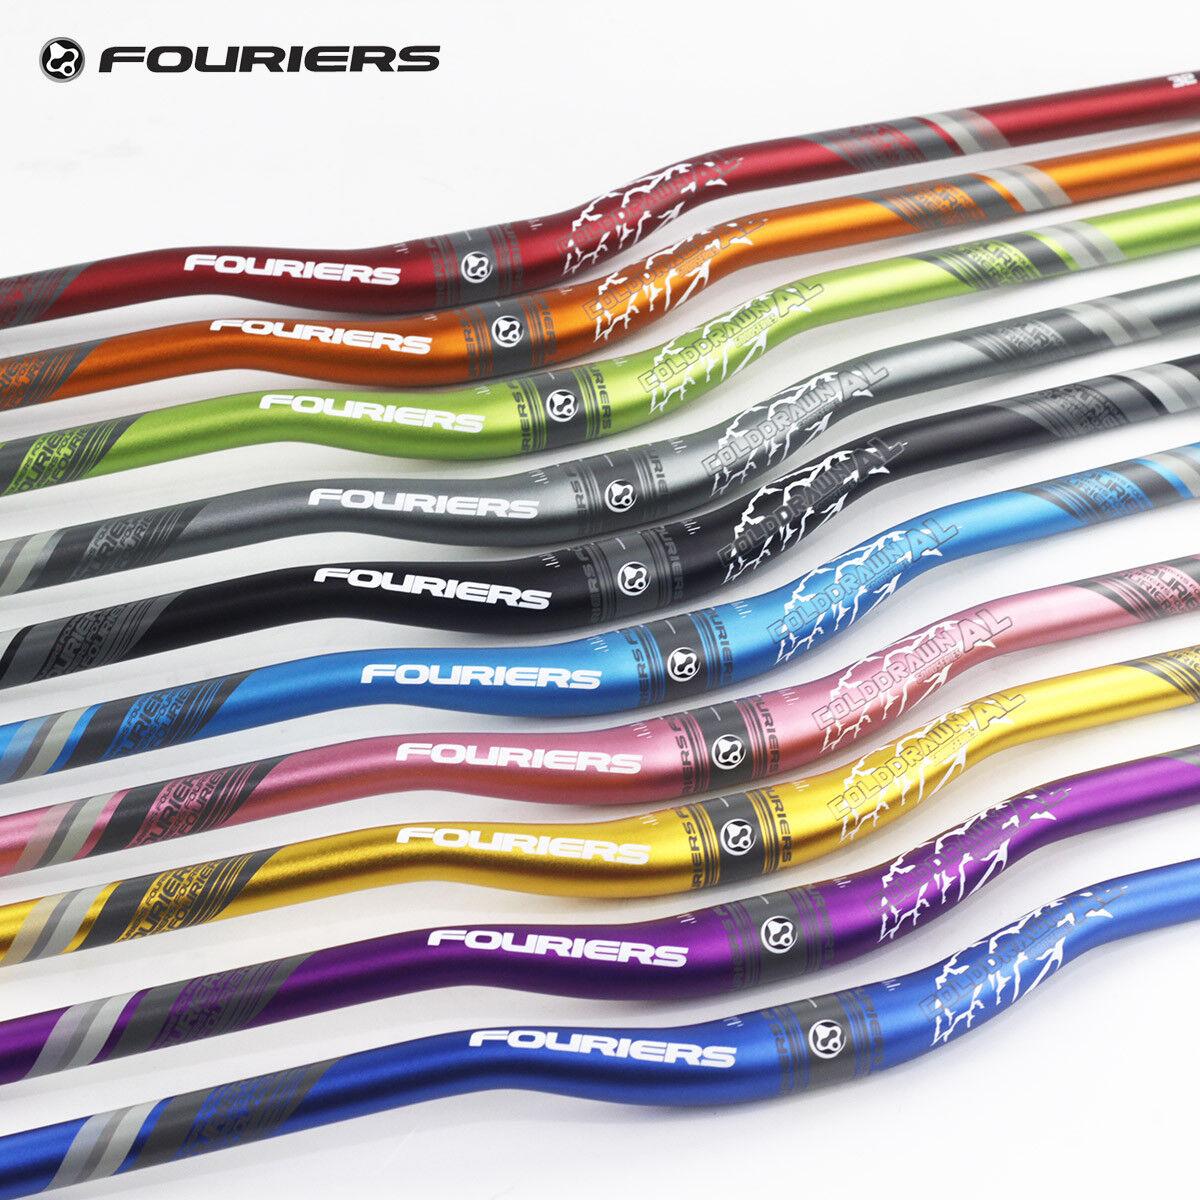 Aluminum AM FR XC DH Enduro Riser Handlebar 31.8 x 780mm 25mm Rise Bar Fouriers